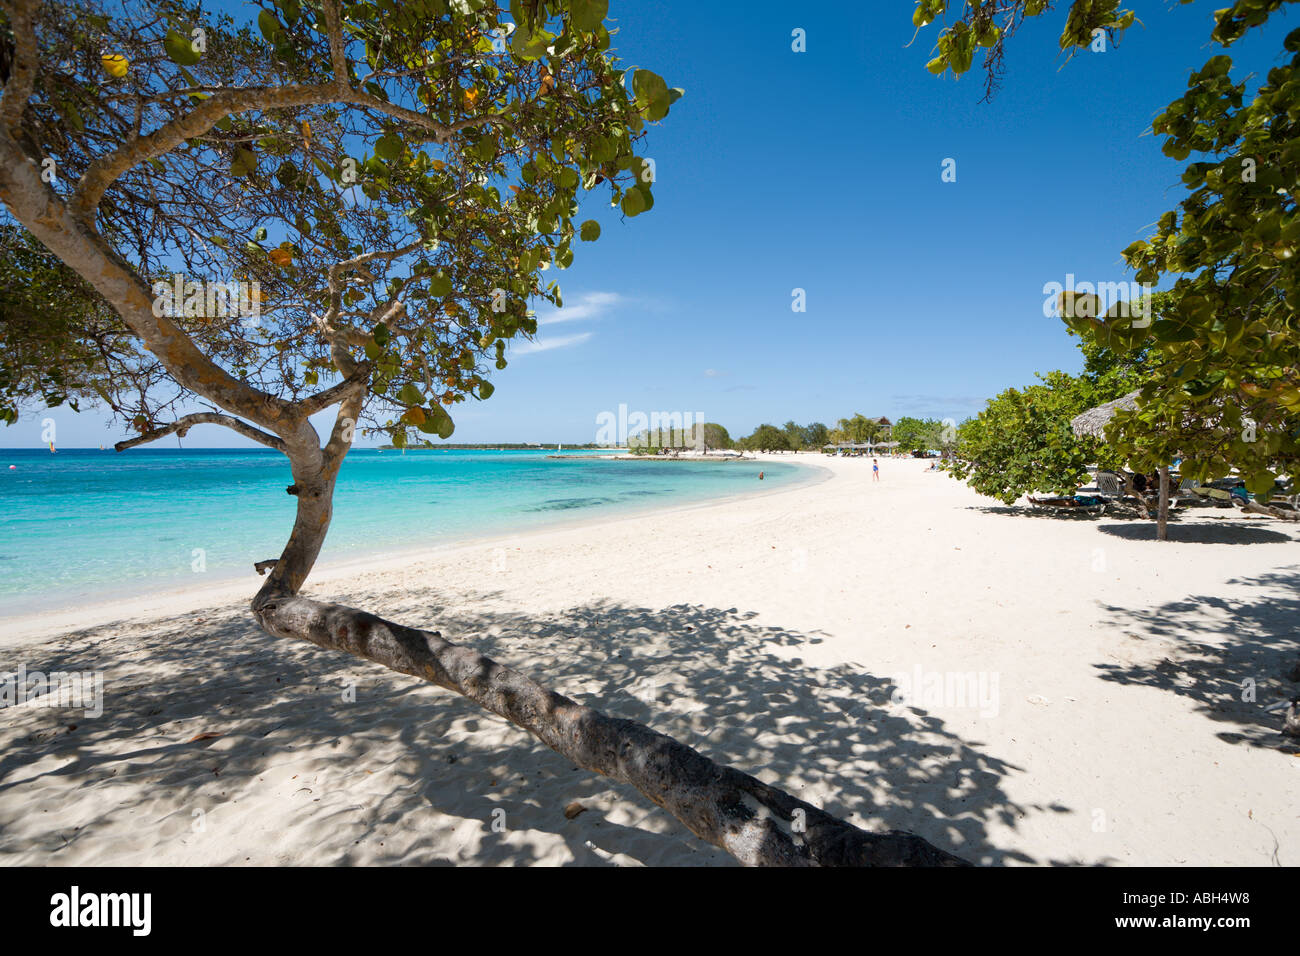 playa-pesquero-guardalavaca-holguin-cuba-caribbean-ABH4W8.jpg